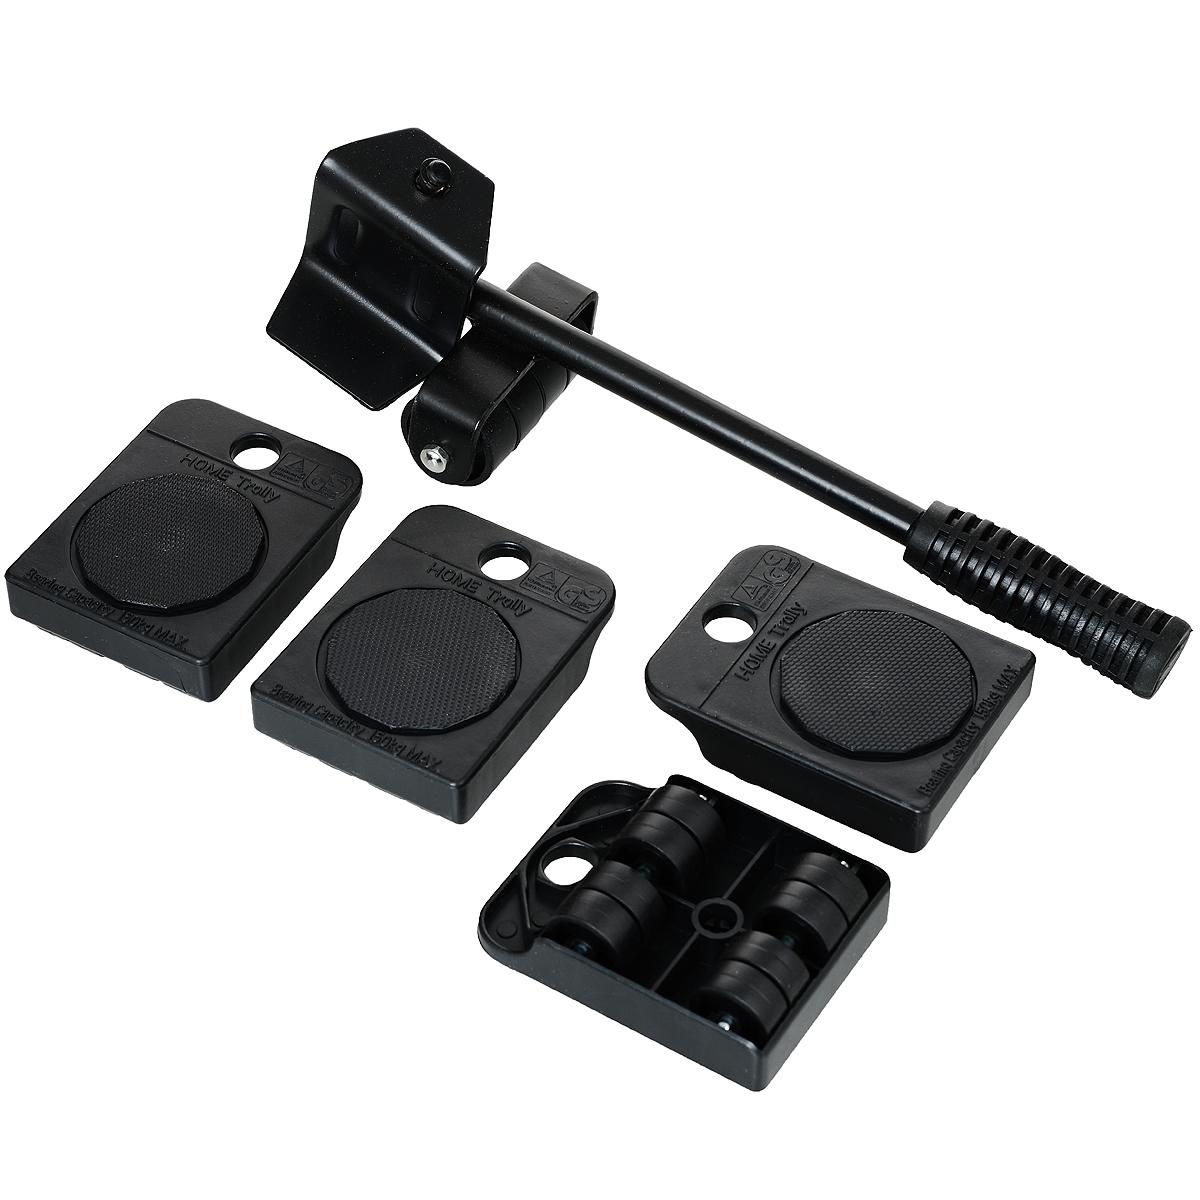 Набор для перемещения мебели Bradex Транспортер, цвет: черный, 5 предметовTD 0089Набор для перемещения мебели Bradex Транспортер, изготовленный из металла и ПВХ, предназначен для самостоятельной перестановки мебели. Вам понадобится лишь приподнять мебель с помощью рычага и подложить под каждый угол транспортную платформу с вращающимися колесиками. После установки мебели на платформы ее можно передвигать в любом направлении. Благодаря Транспортеру, вы защитите мебель, пол и стены от повреждений, сэкономите время и сбережете здоровье. Мебельный транспортер подходит для линолеума, ковролина, паркета, ламината. Уникальная конструкция подъемного рычага и платформ из прочной закаленной стали позволяет поднимать даже тяжелую мебель со всем содержимым. В комплект входит: - 4 транспортировочные платформы каждая на 8 колесиках из сверхпрочного полиамида с вращающейся площадкой. Максимальная нагрузка на каждую платформу 100 кг. - Подъемный рычаг из качественной стали с прорезиненной ручкой. - Инструкция.